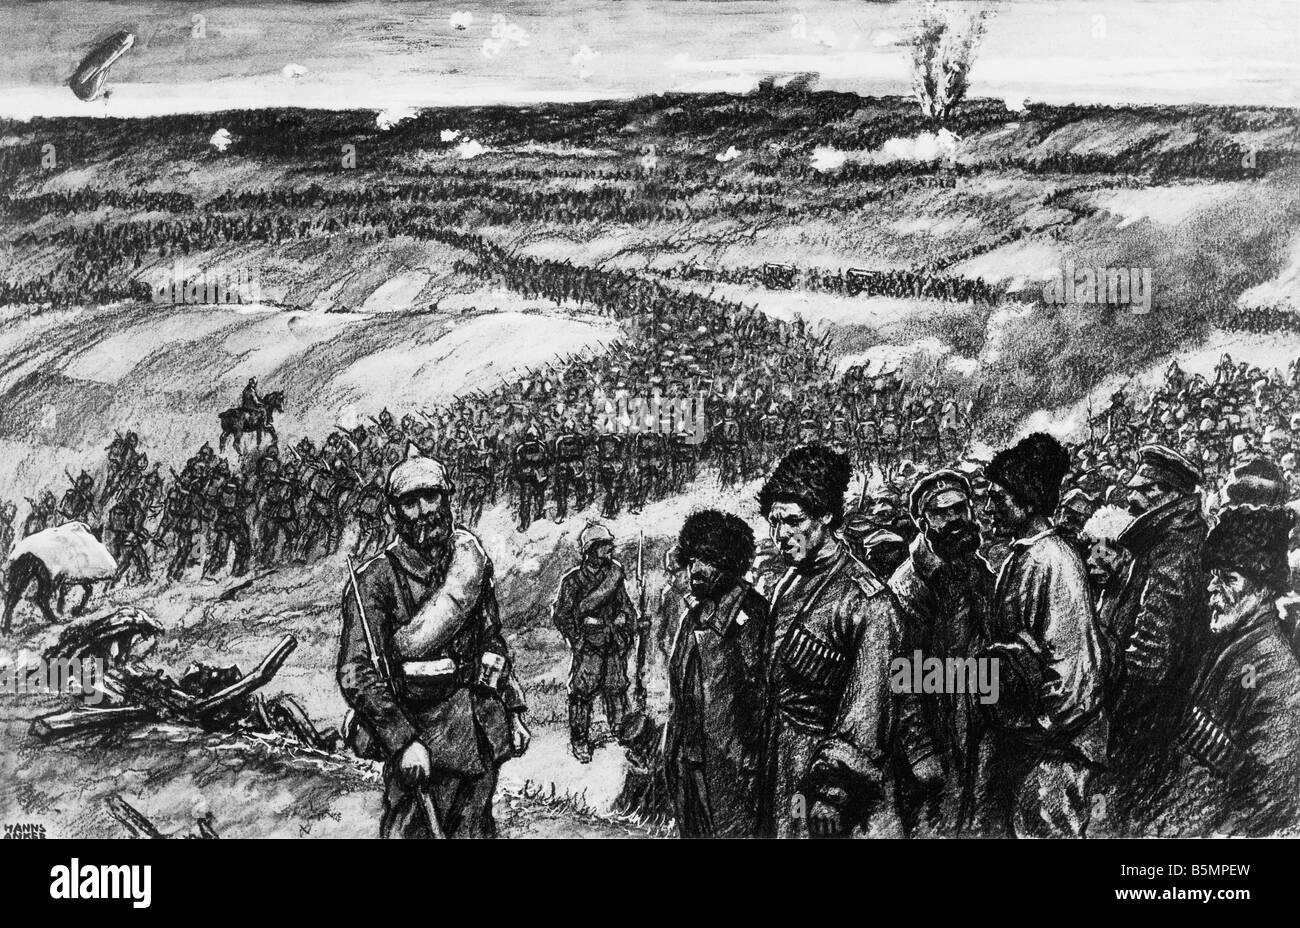 9 1914 8 26 A1 3 batalla de Tannenberg Anker Primera Guerra Mundial Frente Oriental batalla de Tannenberg Masuren Prusia Oriental del 26 al 30 t Foto de stock